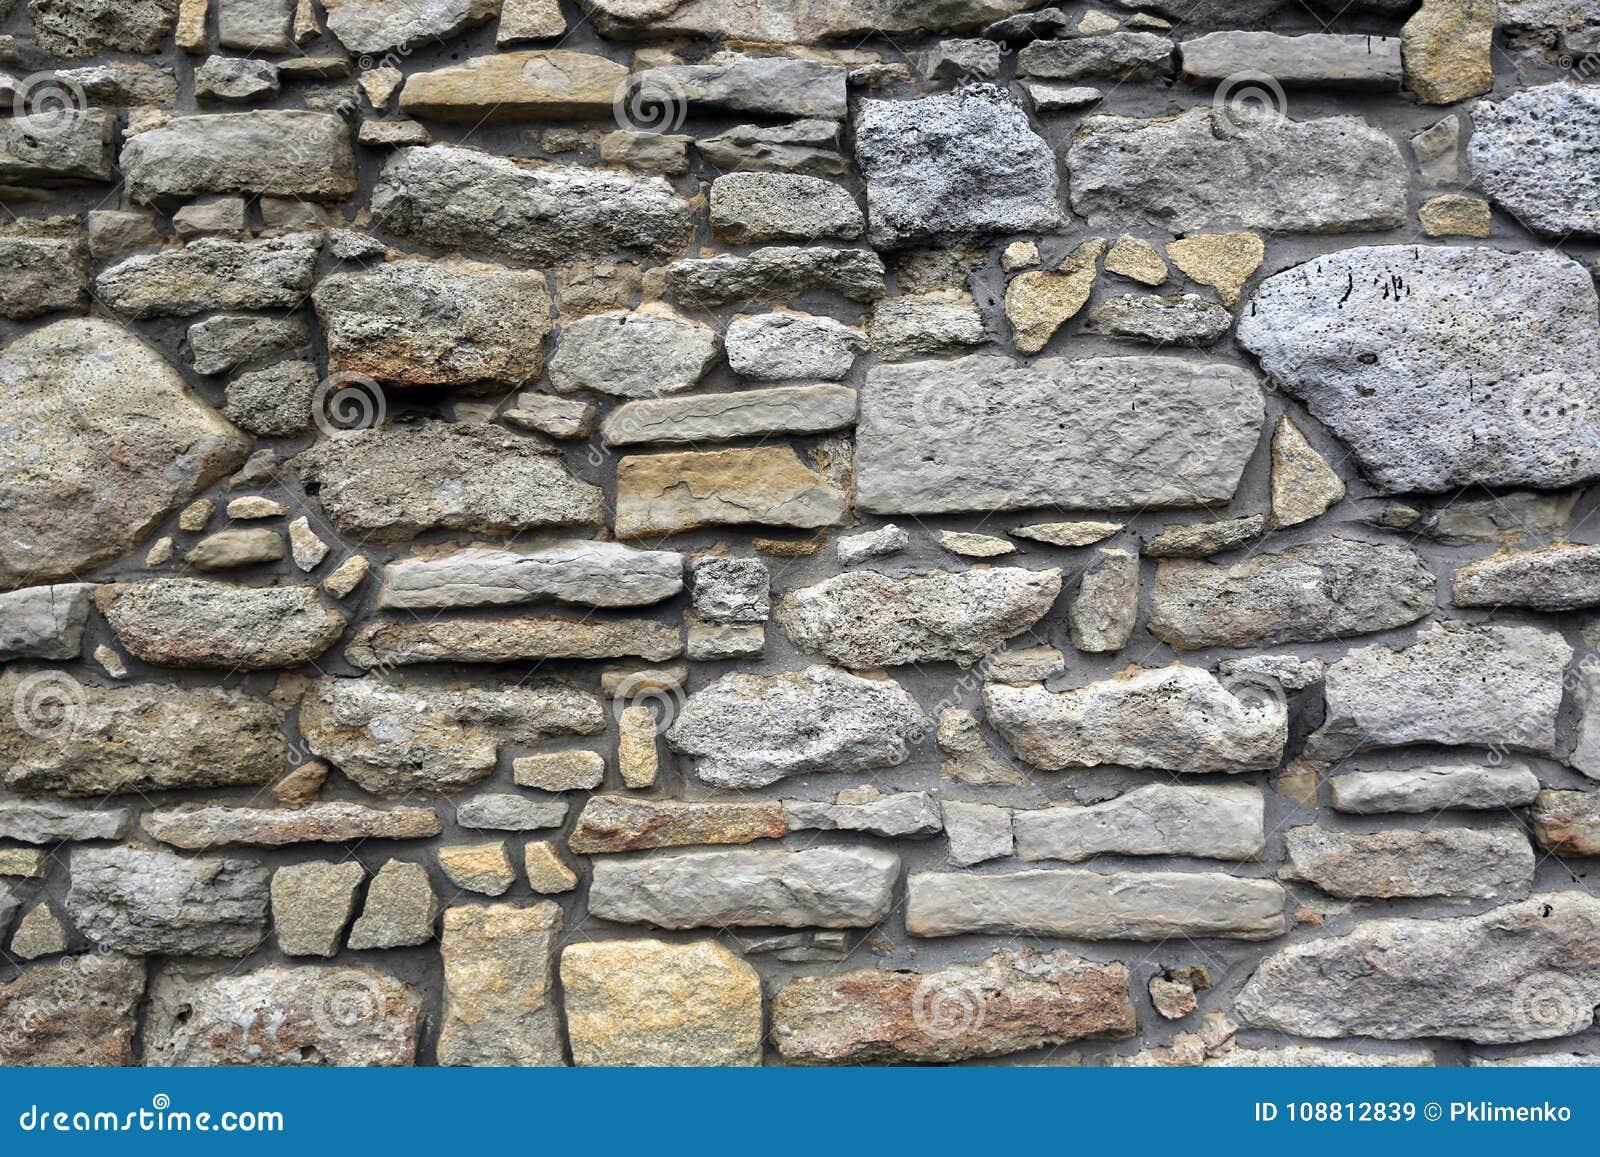 zusammenfassung legen hintergrund steine in den weg stockbild - bild